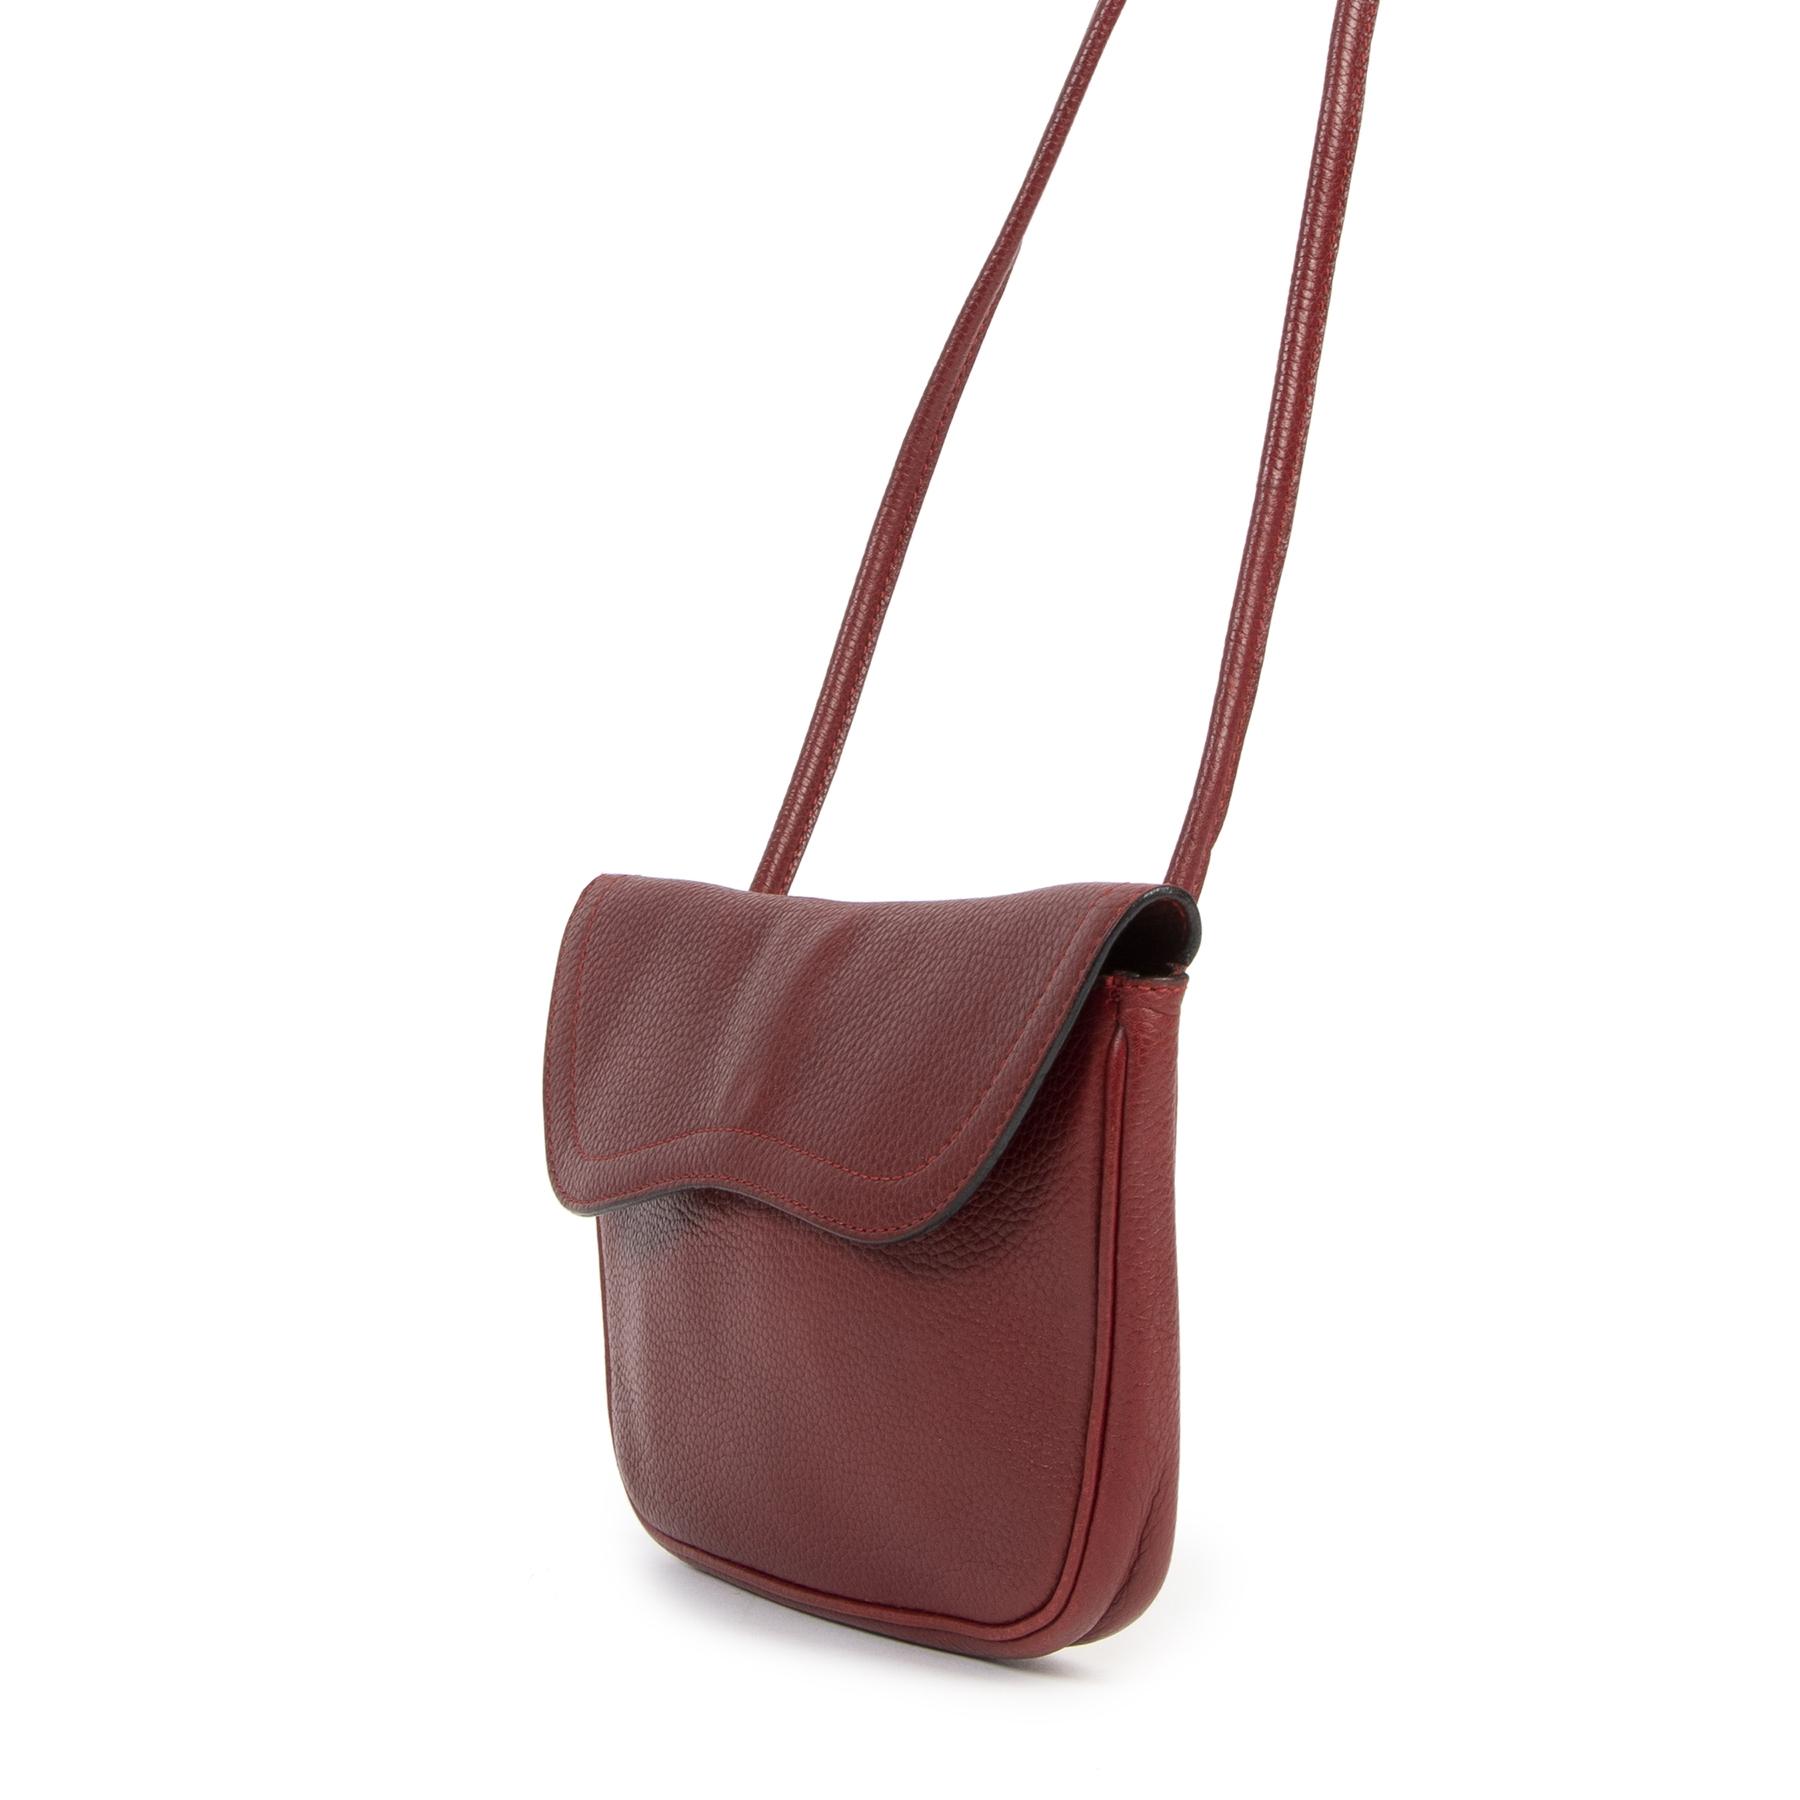 Authentieke Tweedehands Delvaux Red Leather Crossbody juiste prijs veilig online shoppen luxe merken webshop winkelen Antwerpen België mode fashion